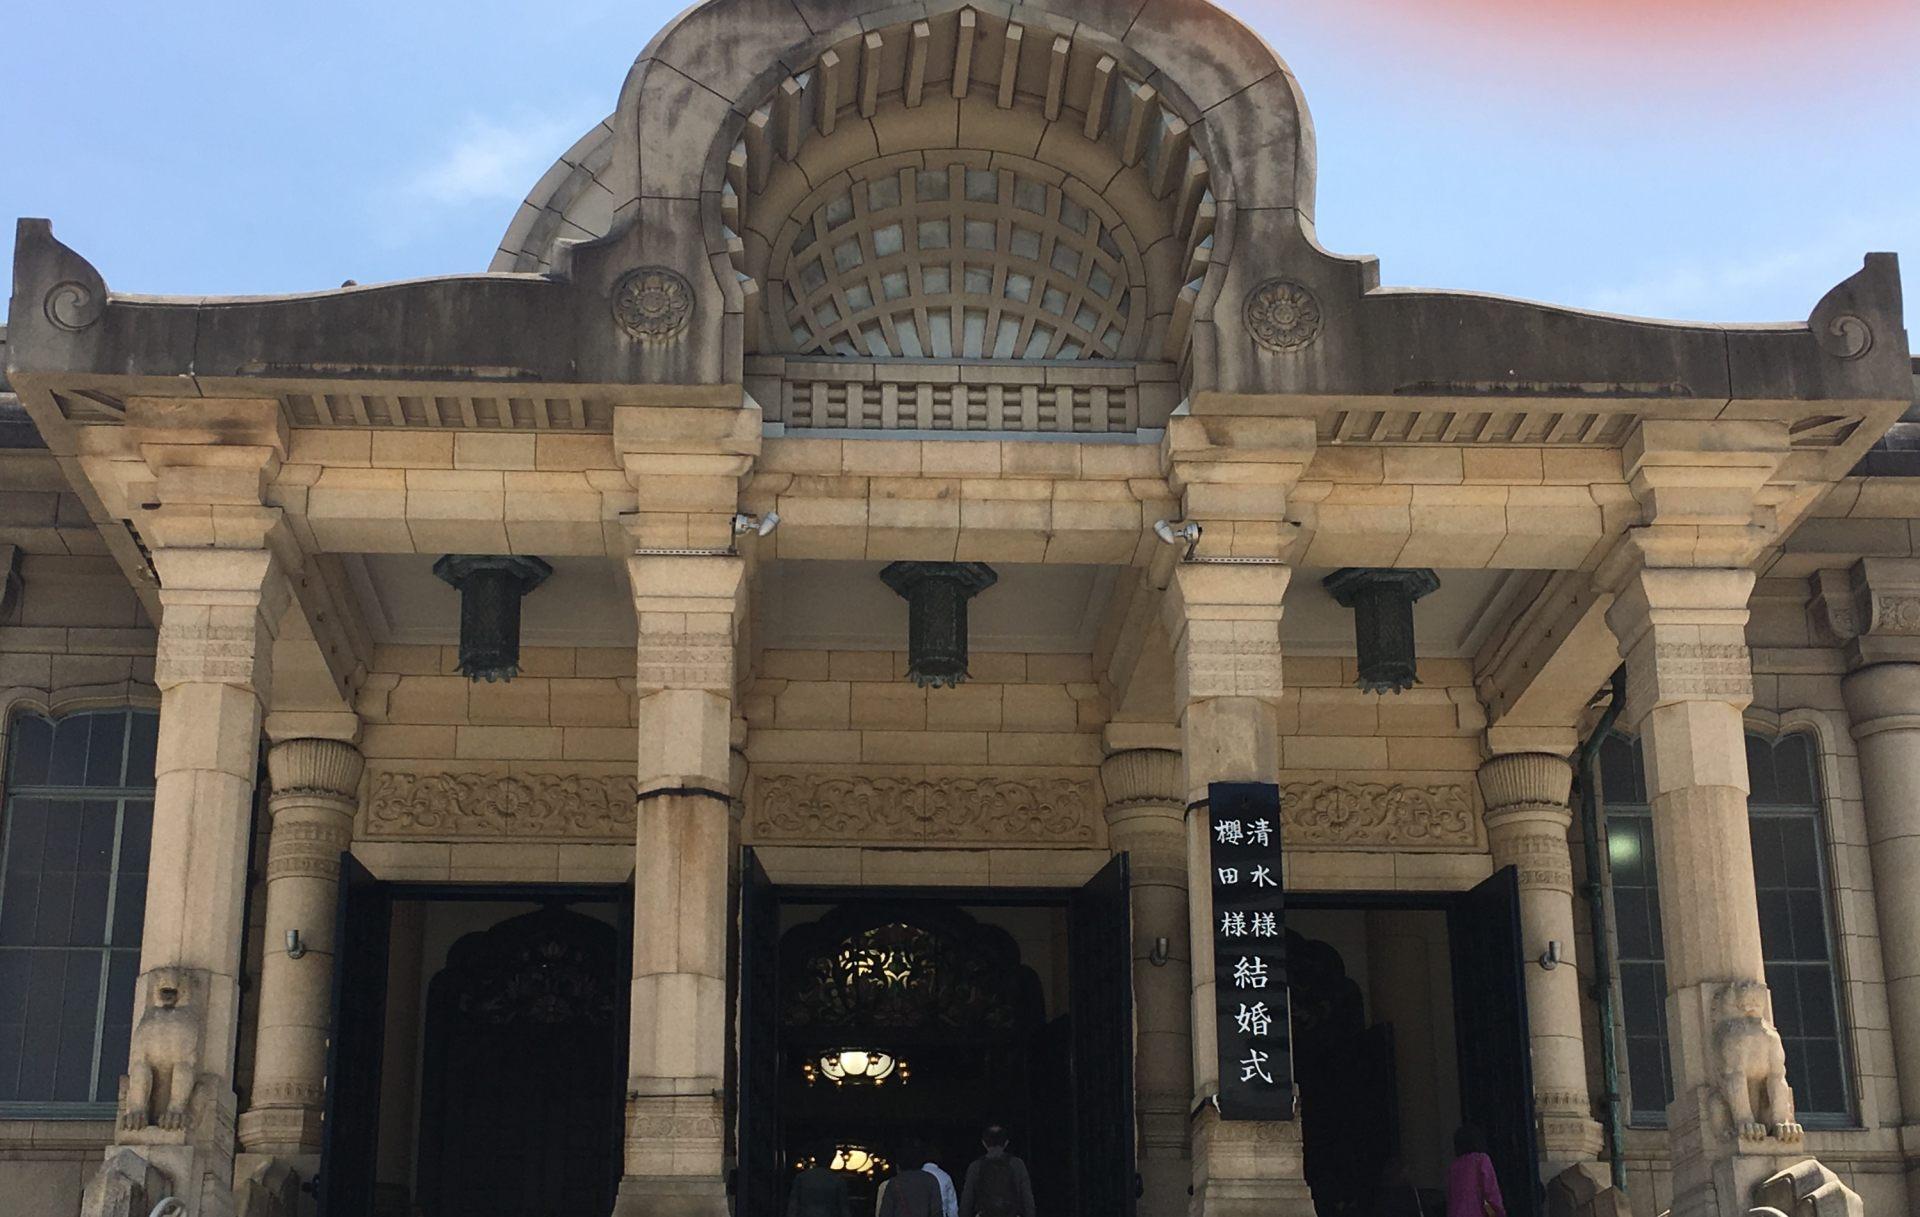 大台阶两侧有长着翅膀的狮子雕像